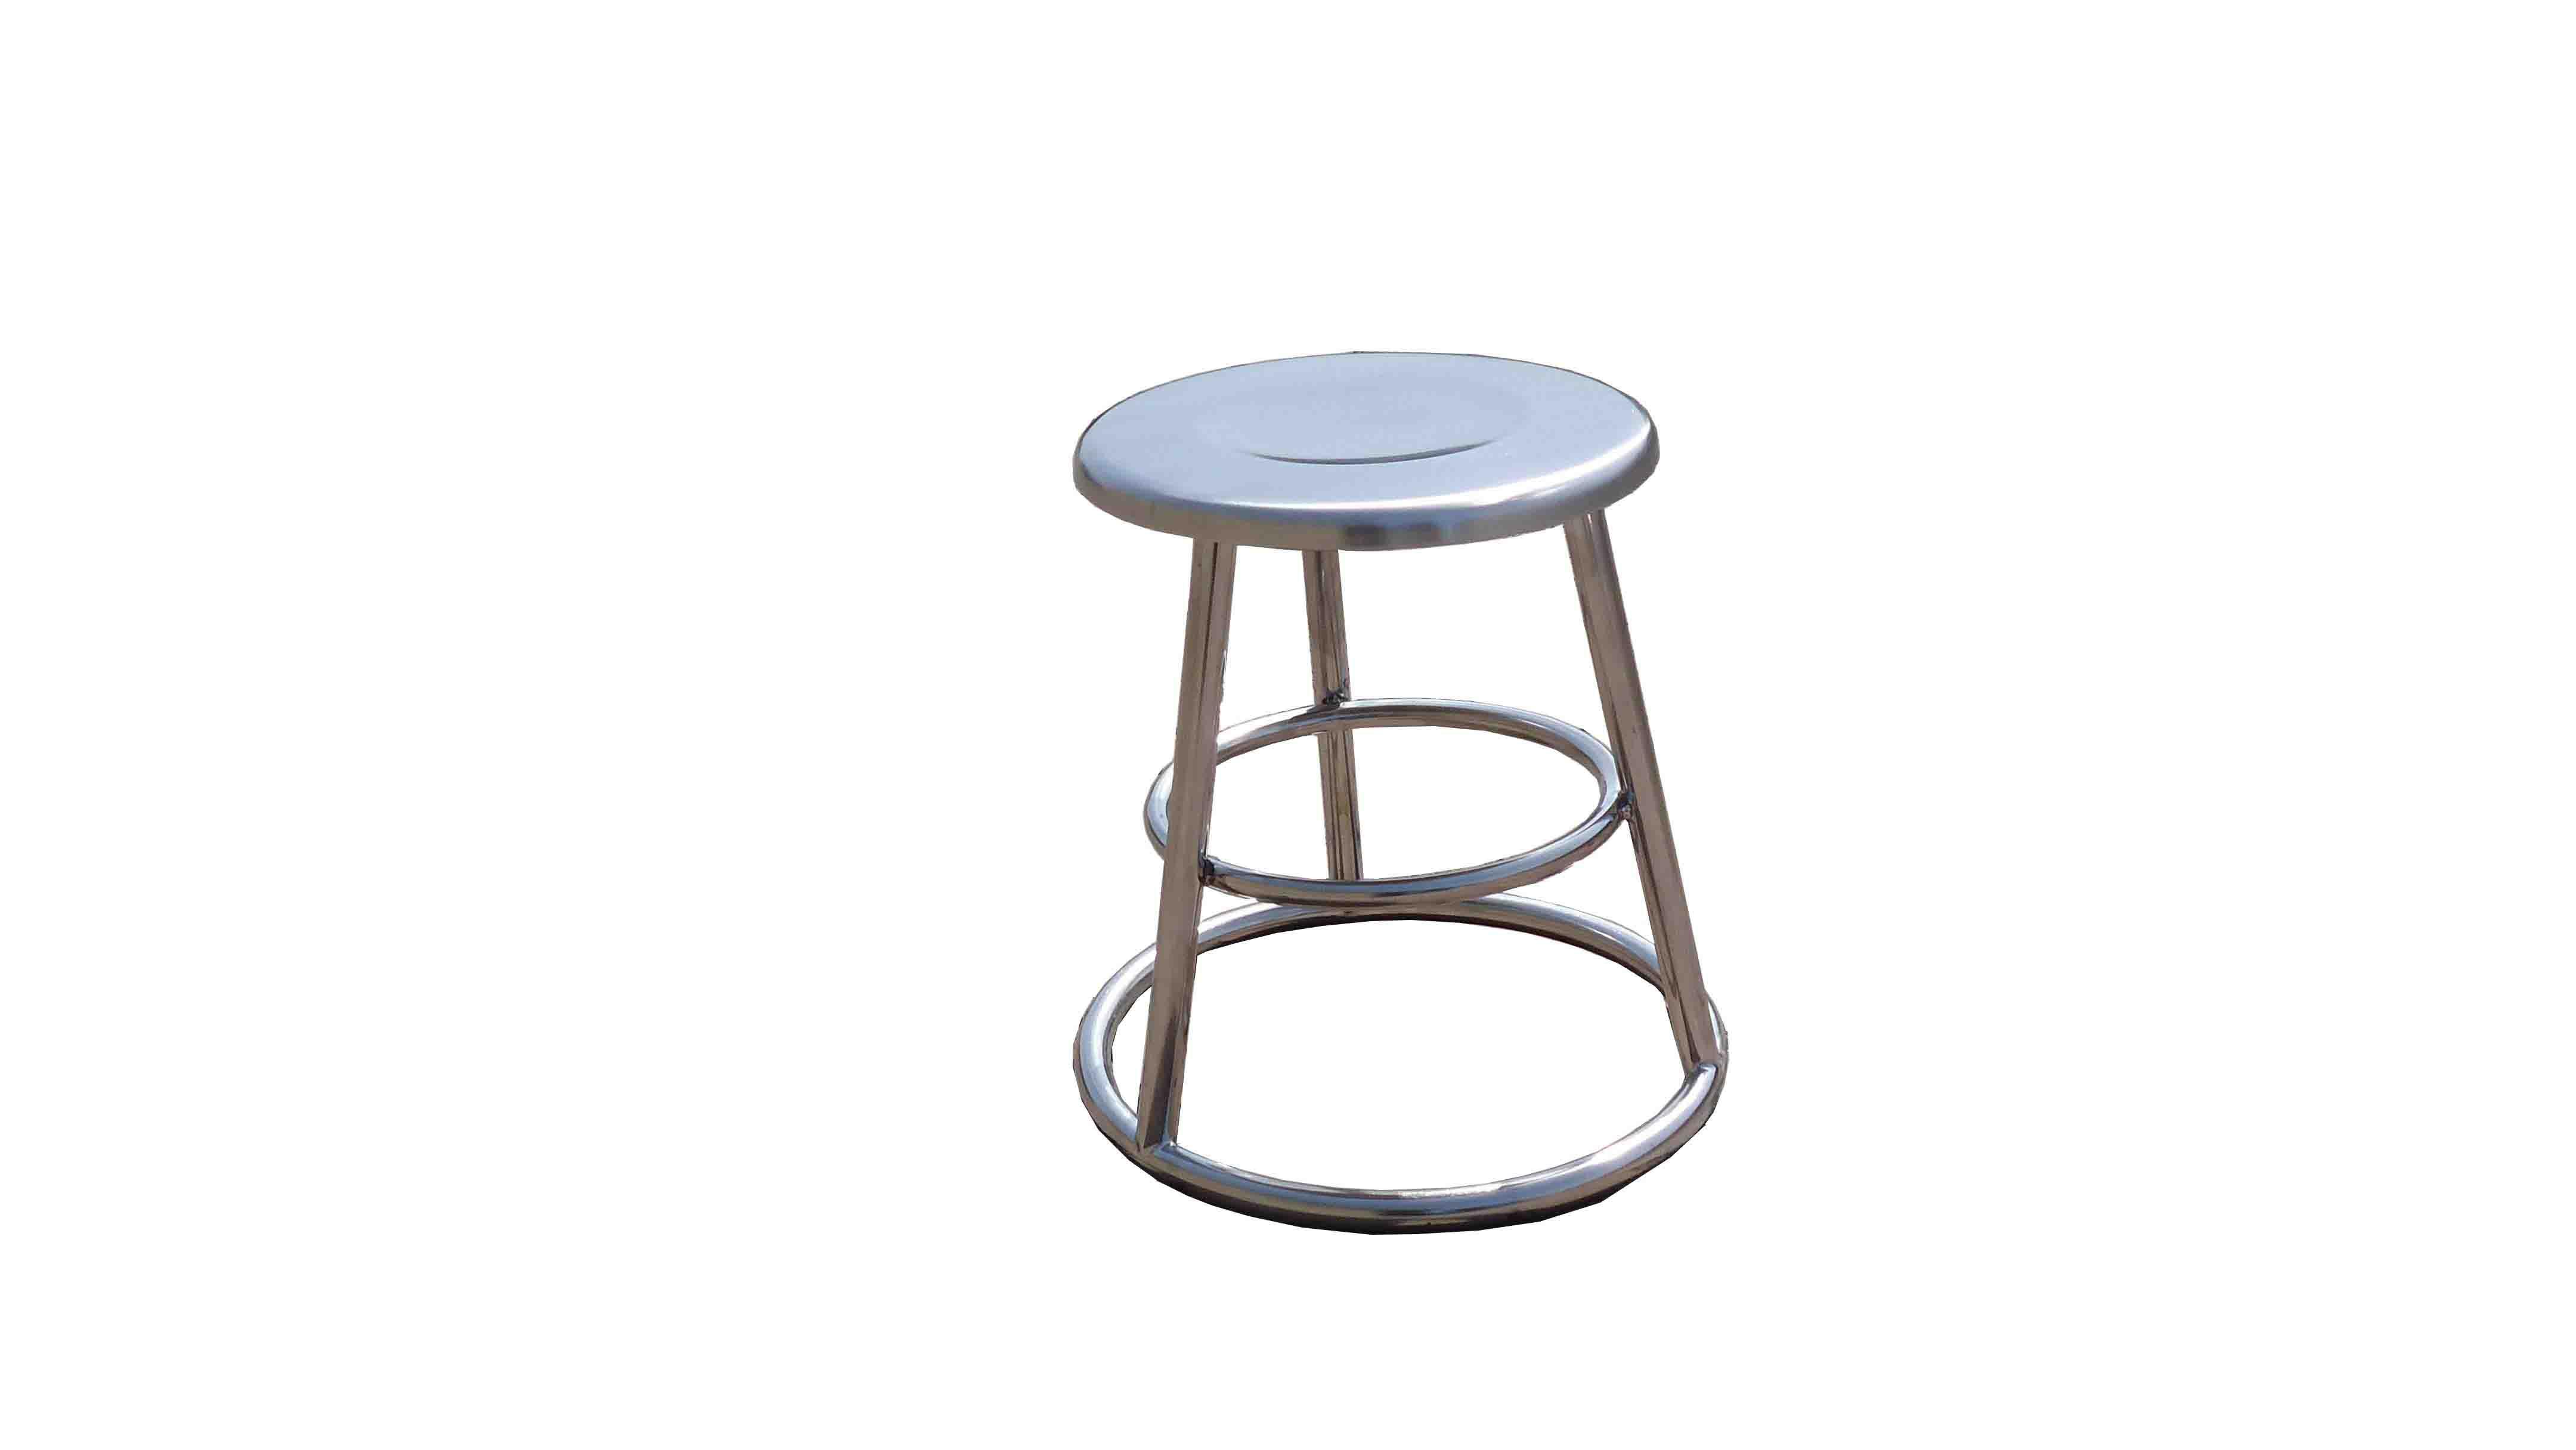 供应不锈钢圆凳